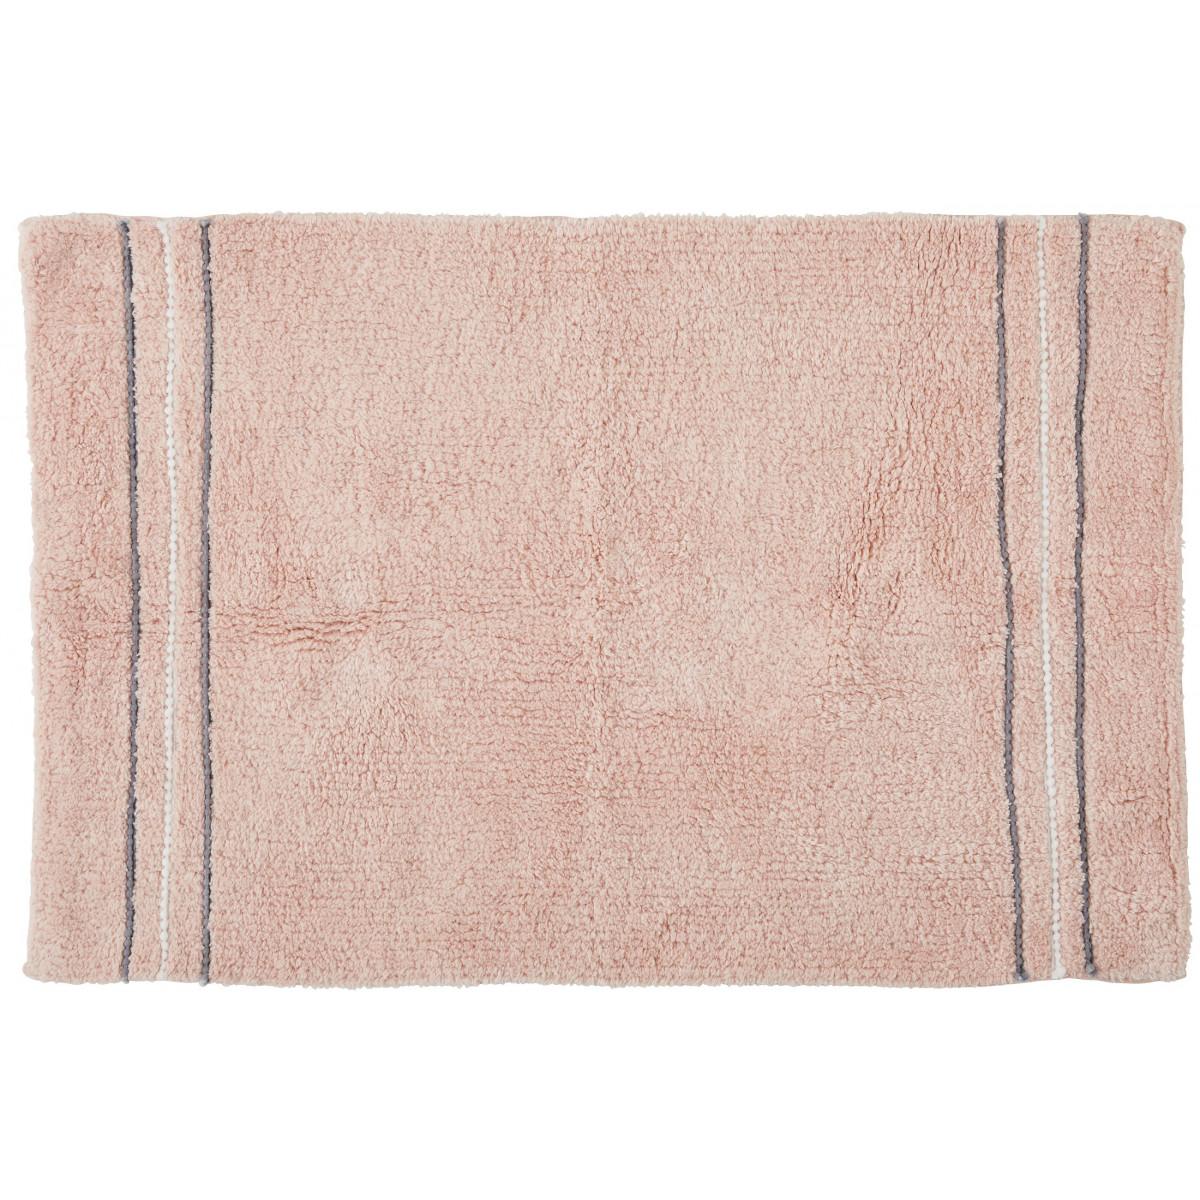 Tapis de bain fantaisie 50x80cm coton Linea Rose poudré